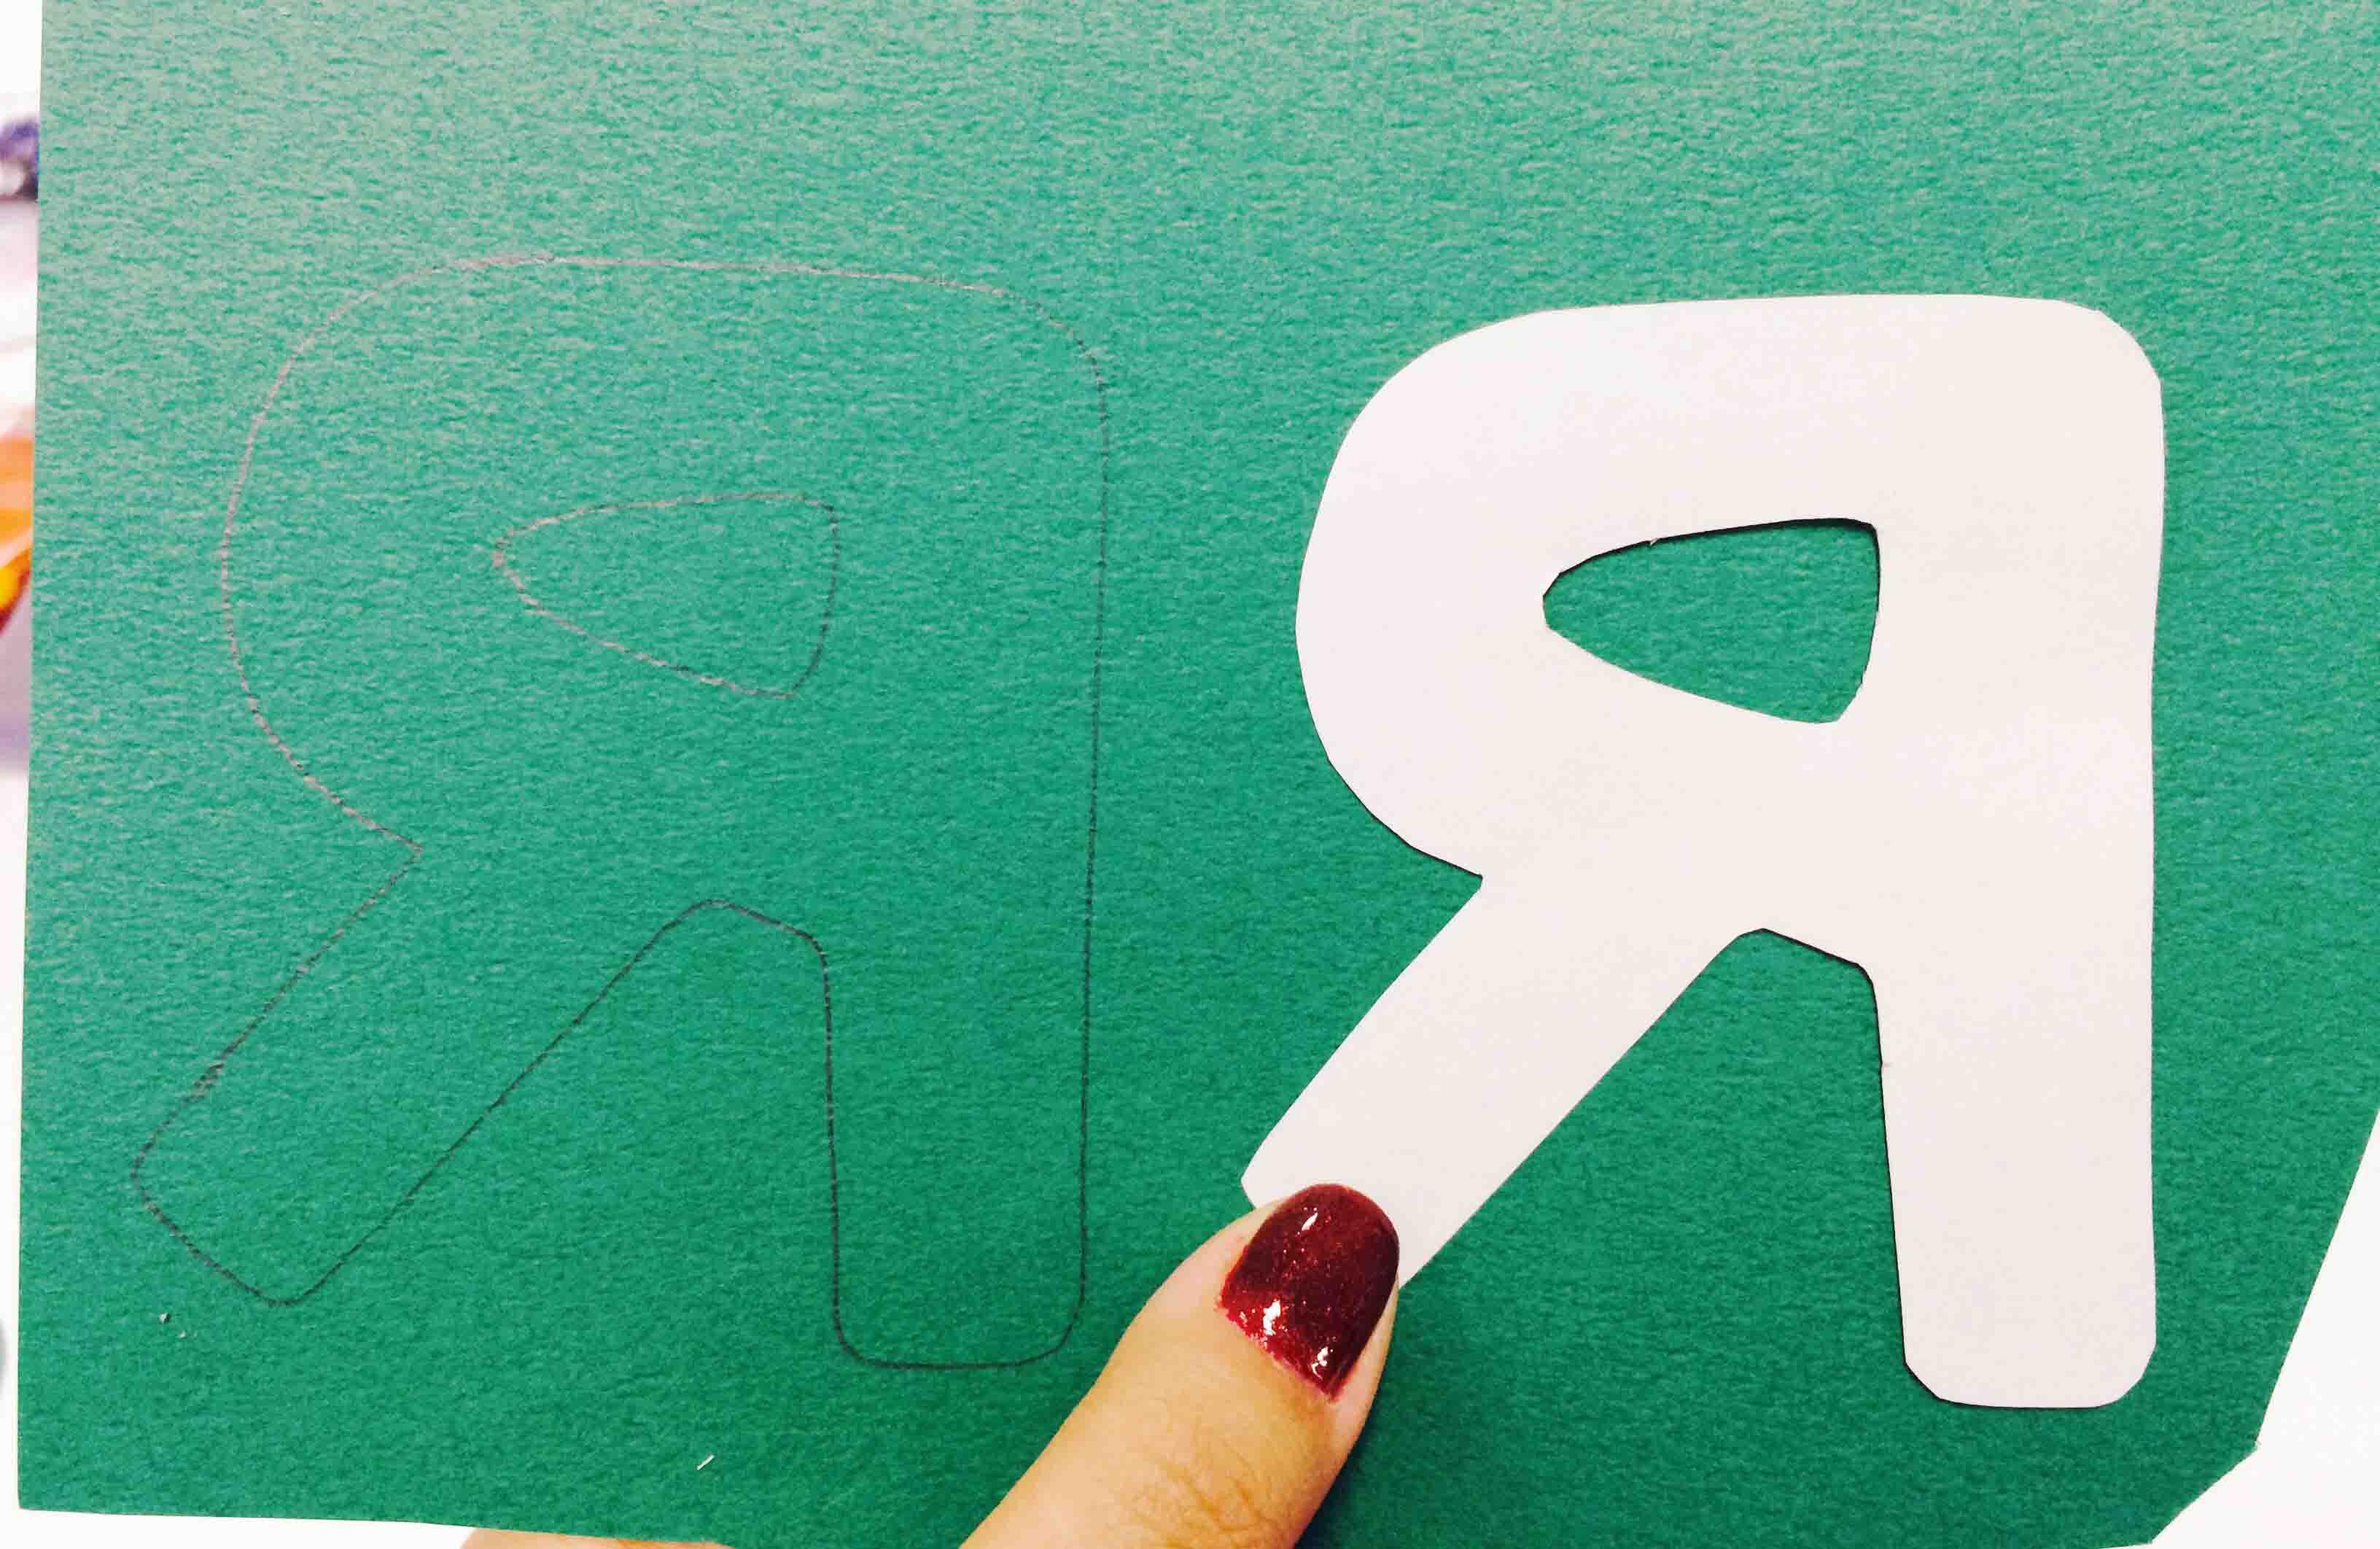 2. 把剪好的圖案放在彩紙上,在彩紙上勾勒出形狀...輕一點,不要讓背面留有筆印